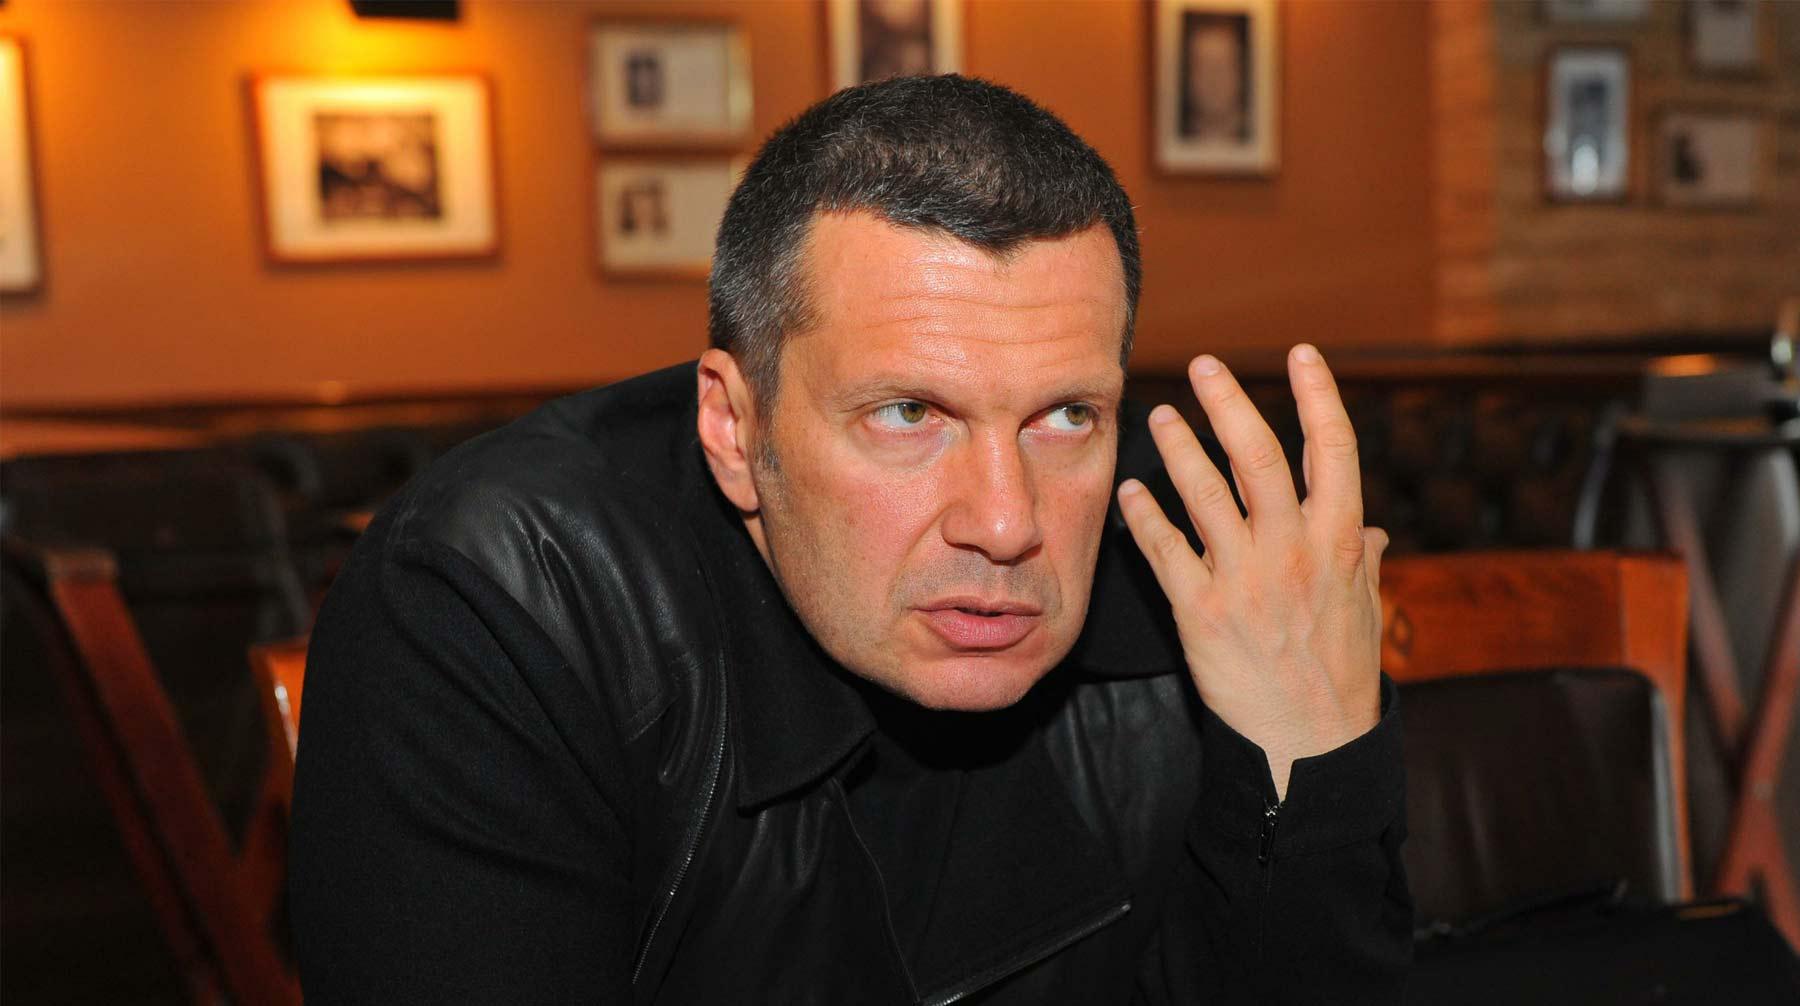 «Пьяная тварь иубийца»: Соловьев обрушился наЕфремова авария,Ефремов,общество,россияне,соловьев